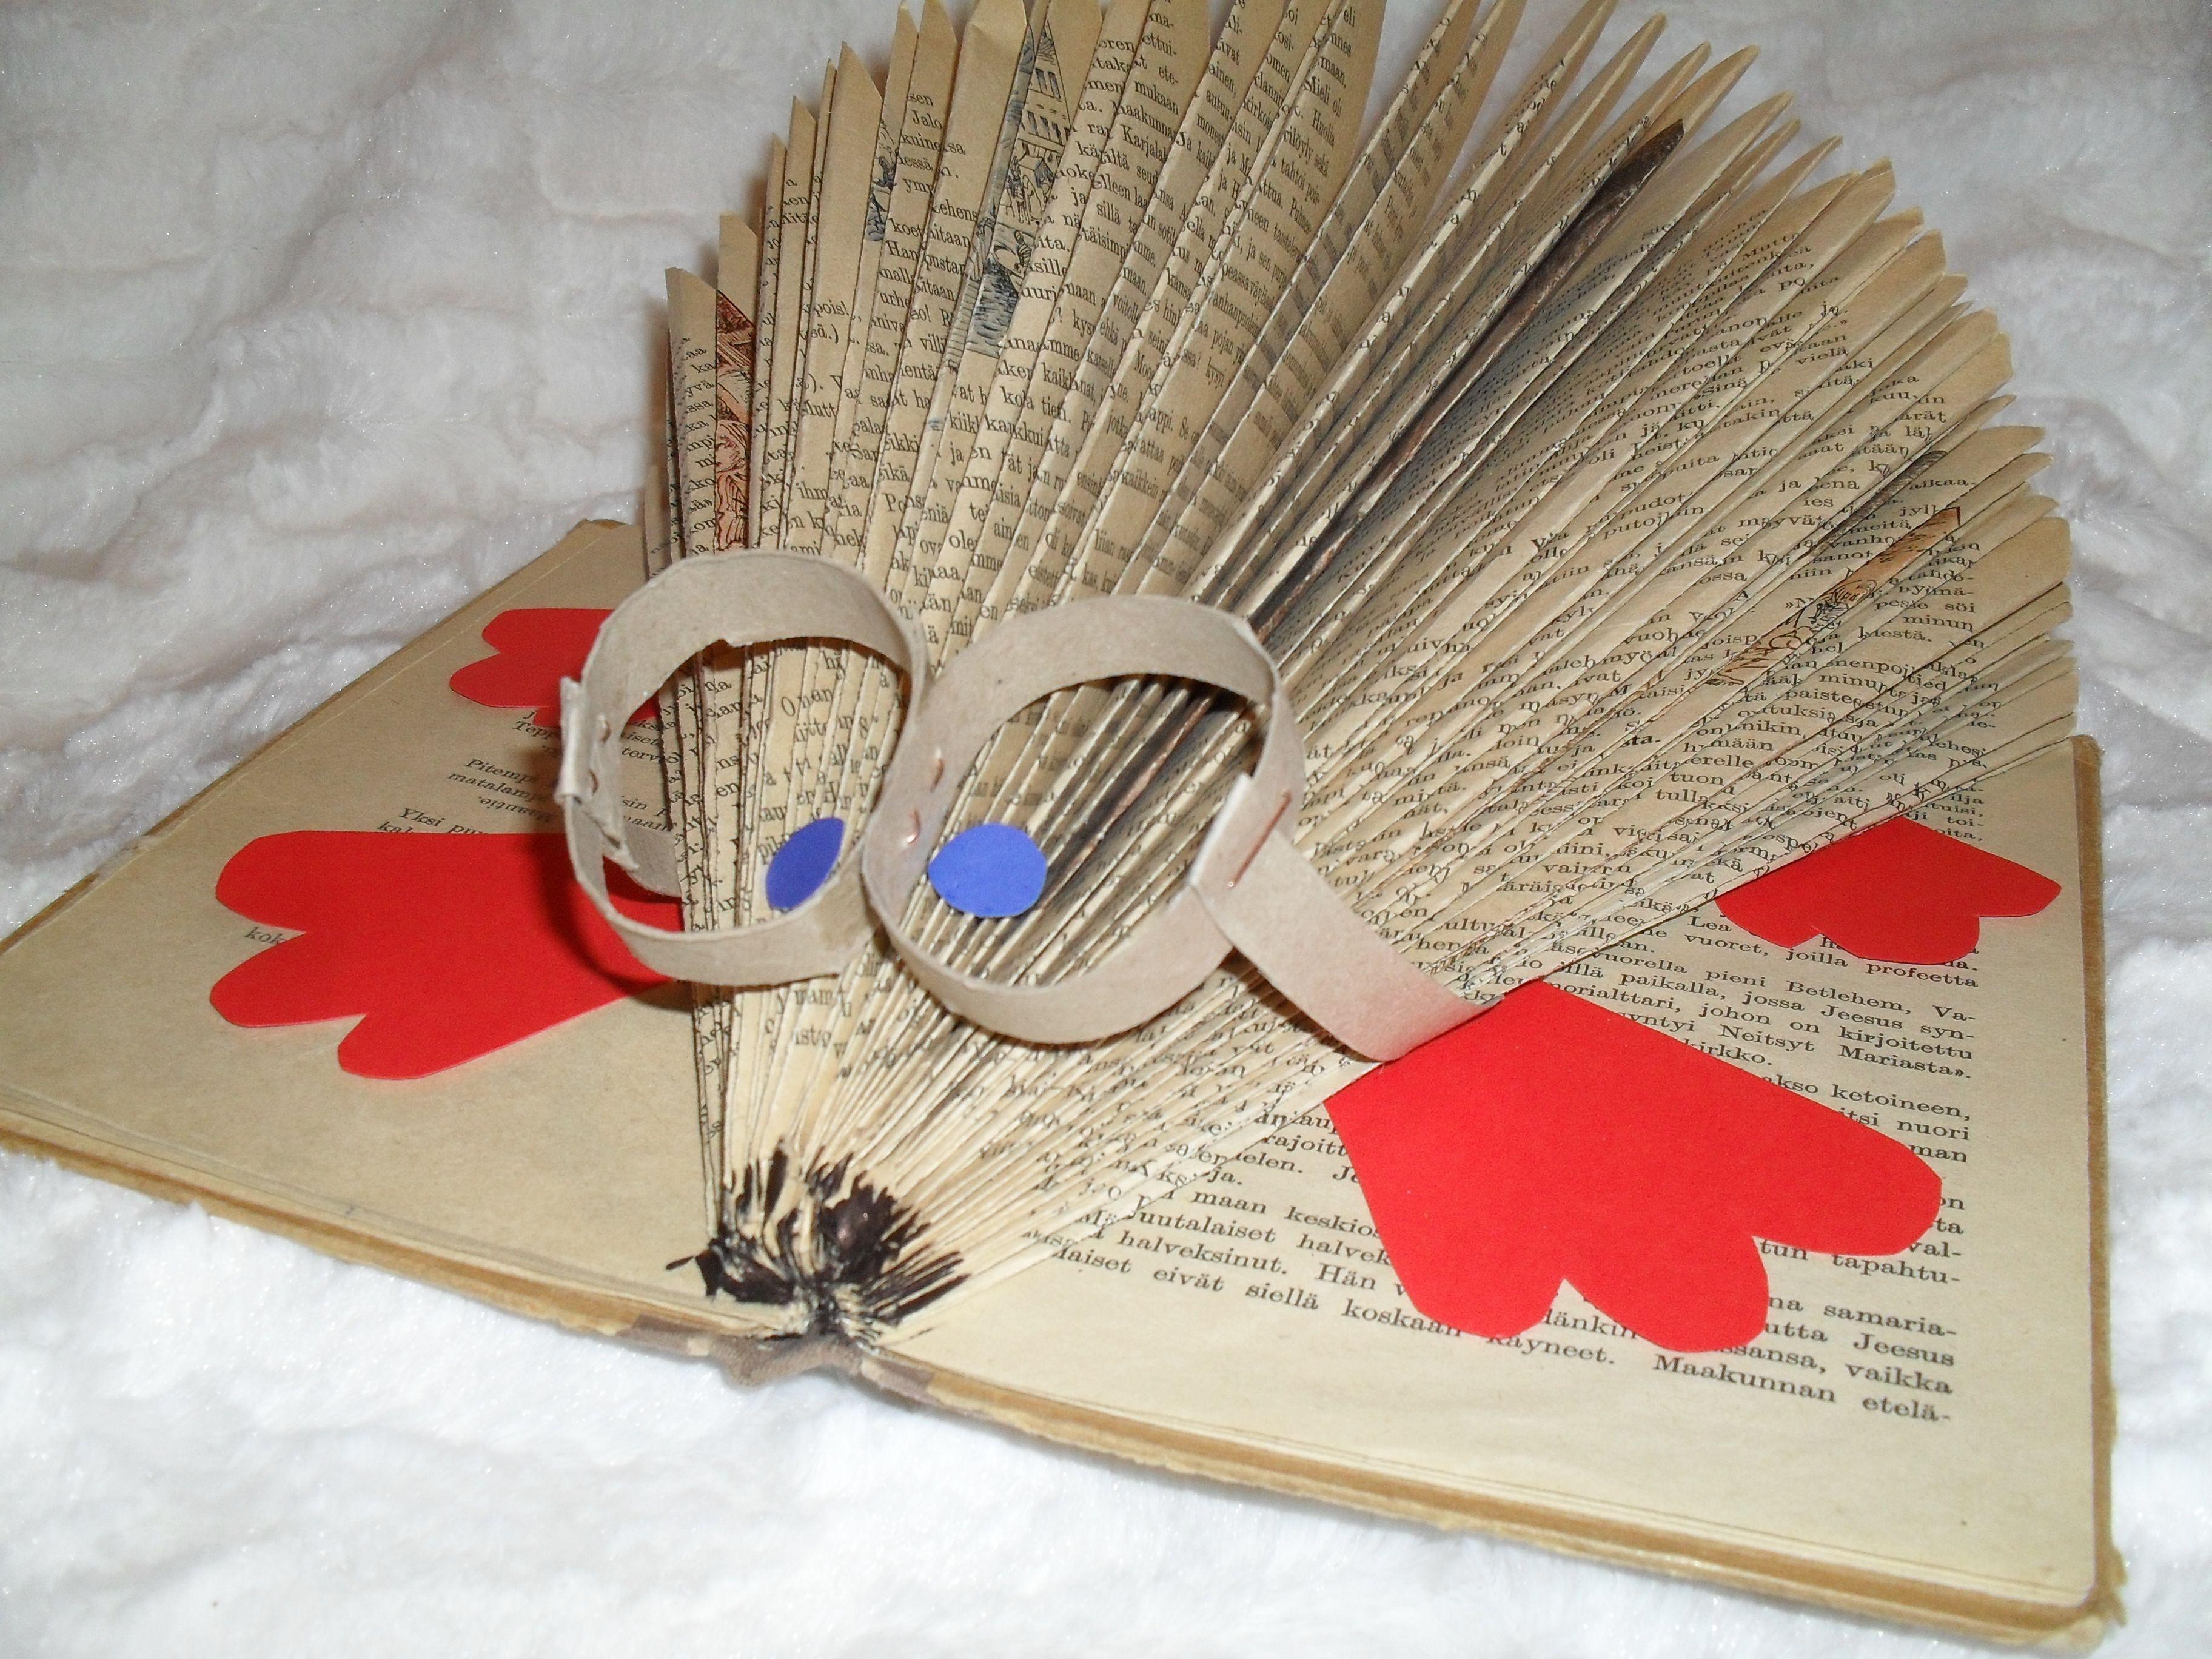 Vanha Kirja